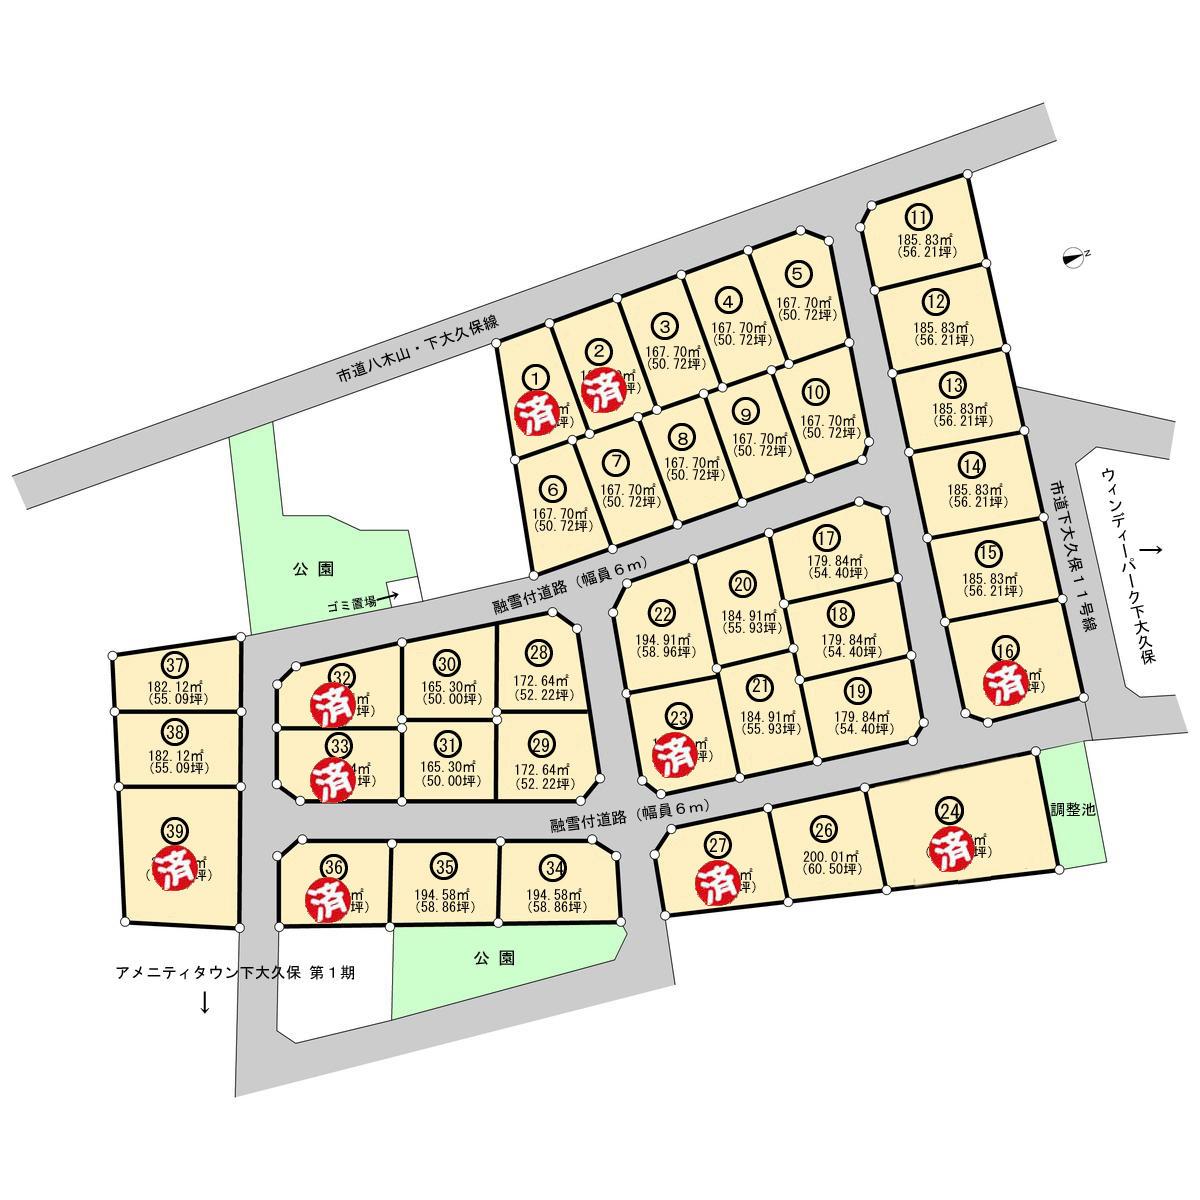 区画図:アメニティタウン下大久保 第2期